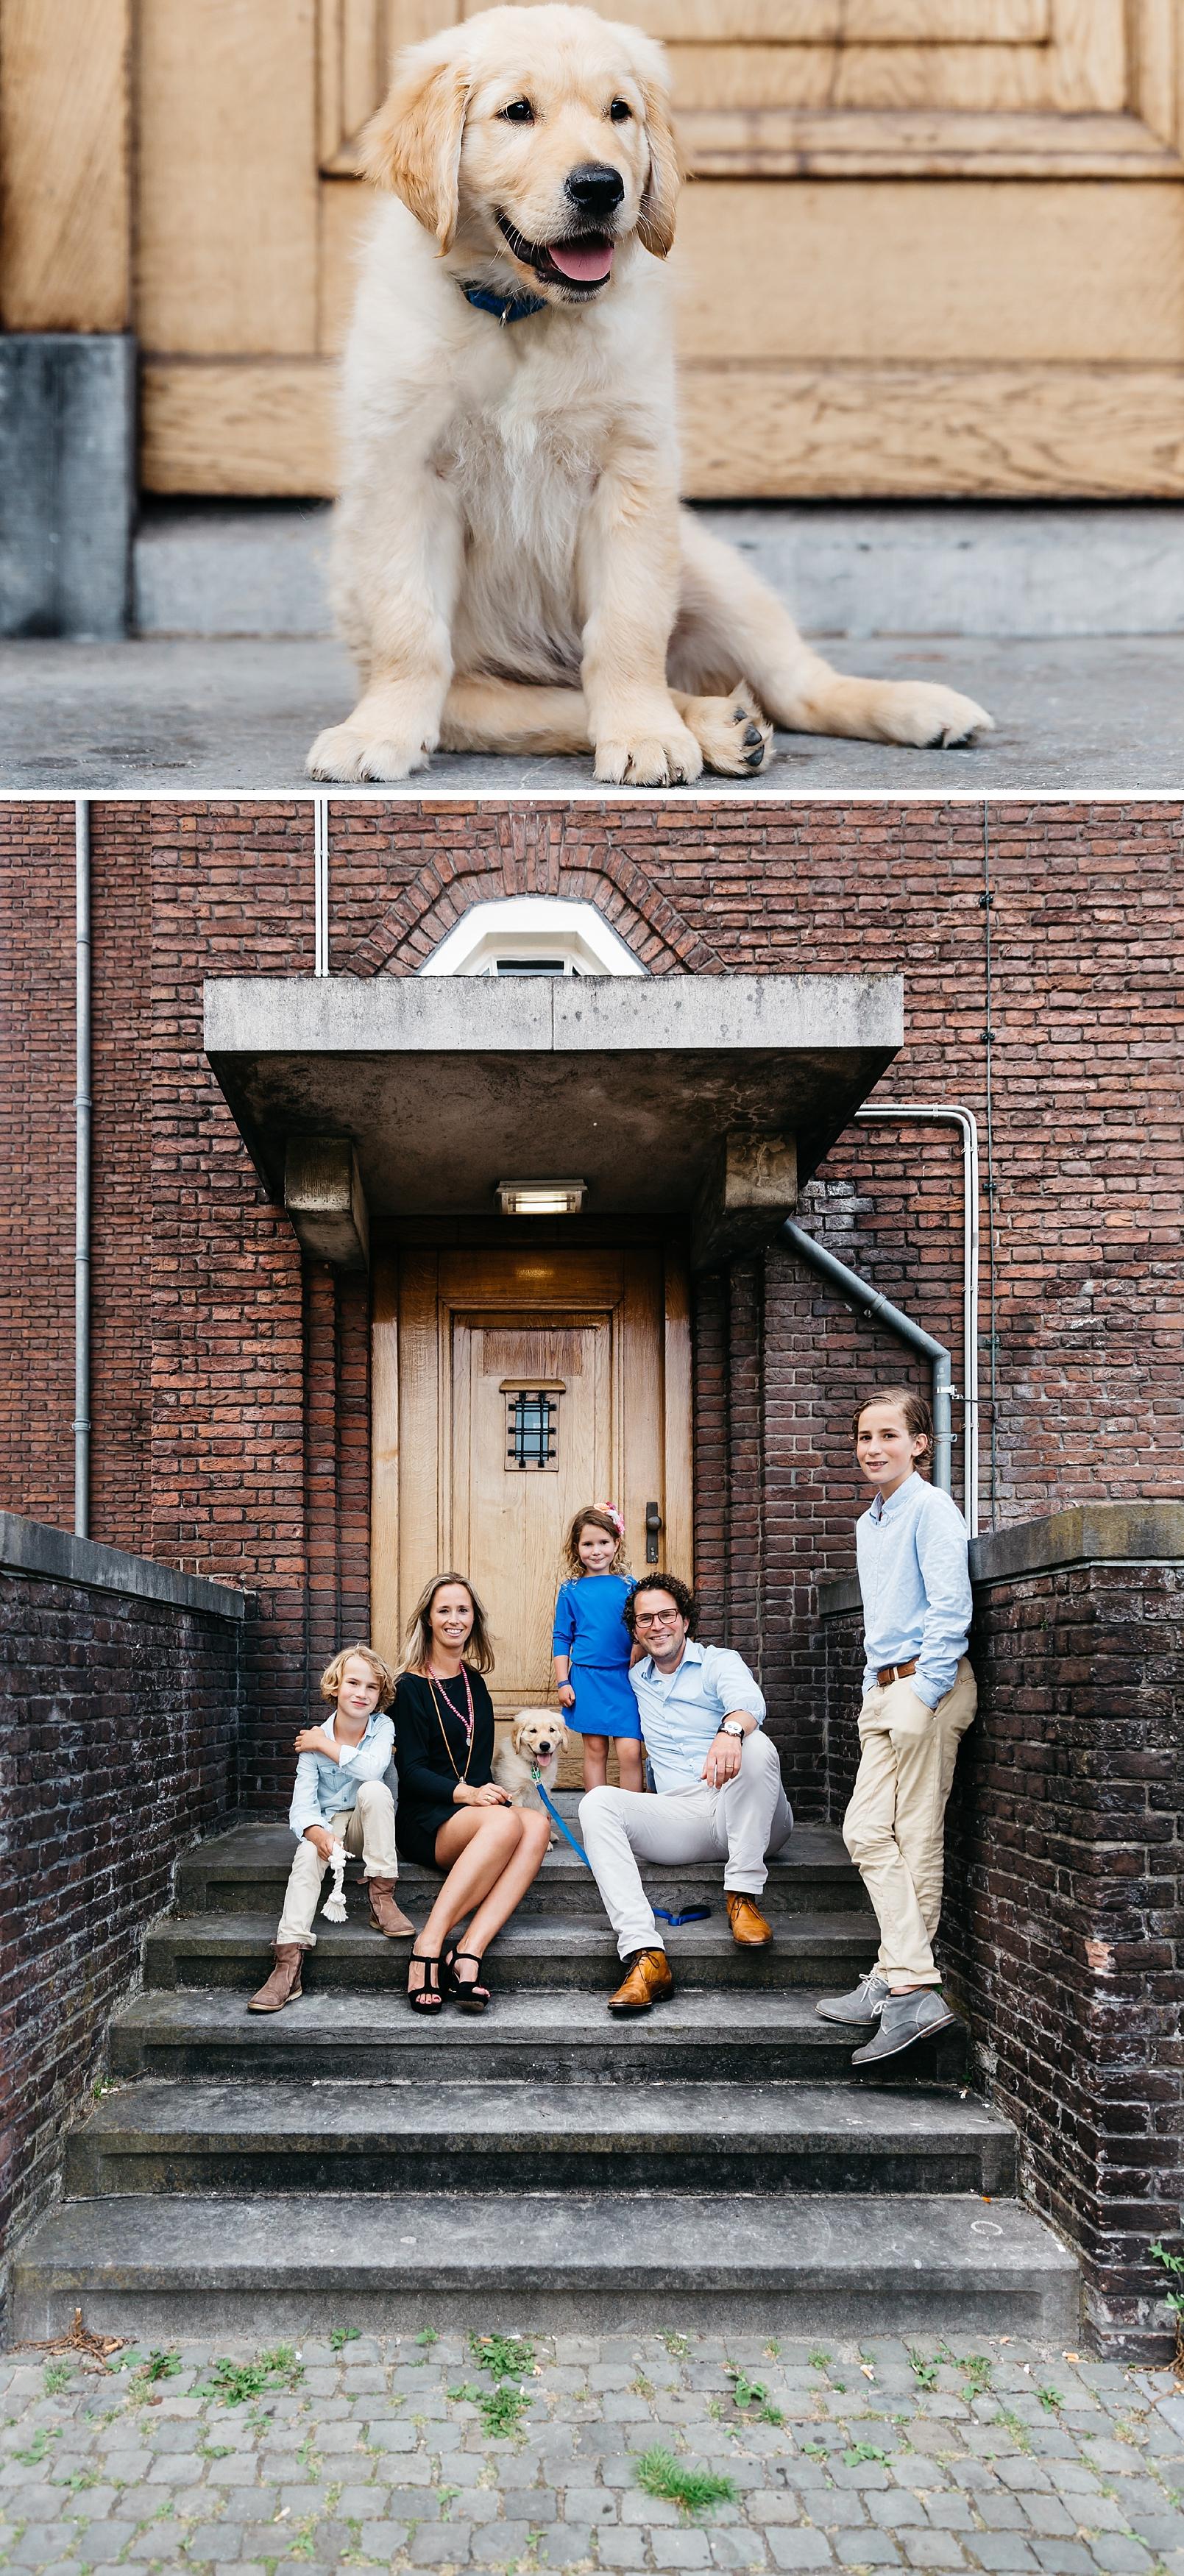 gezinsfotografie-met-hond